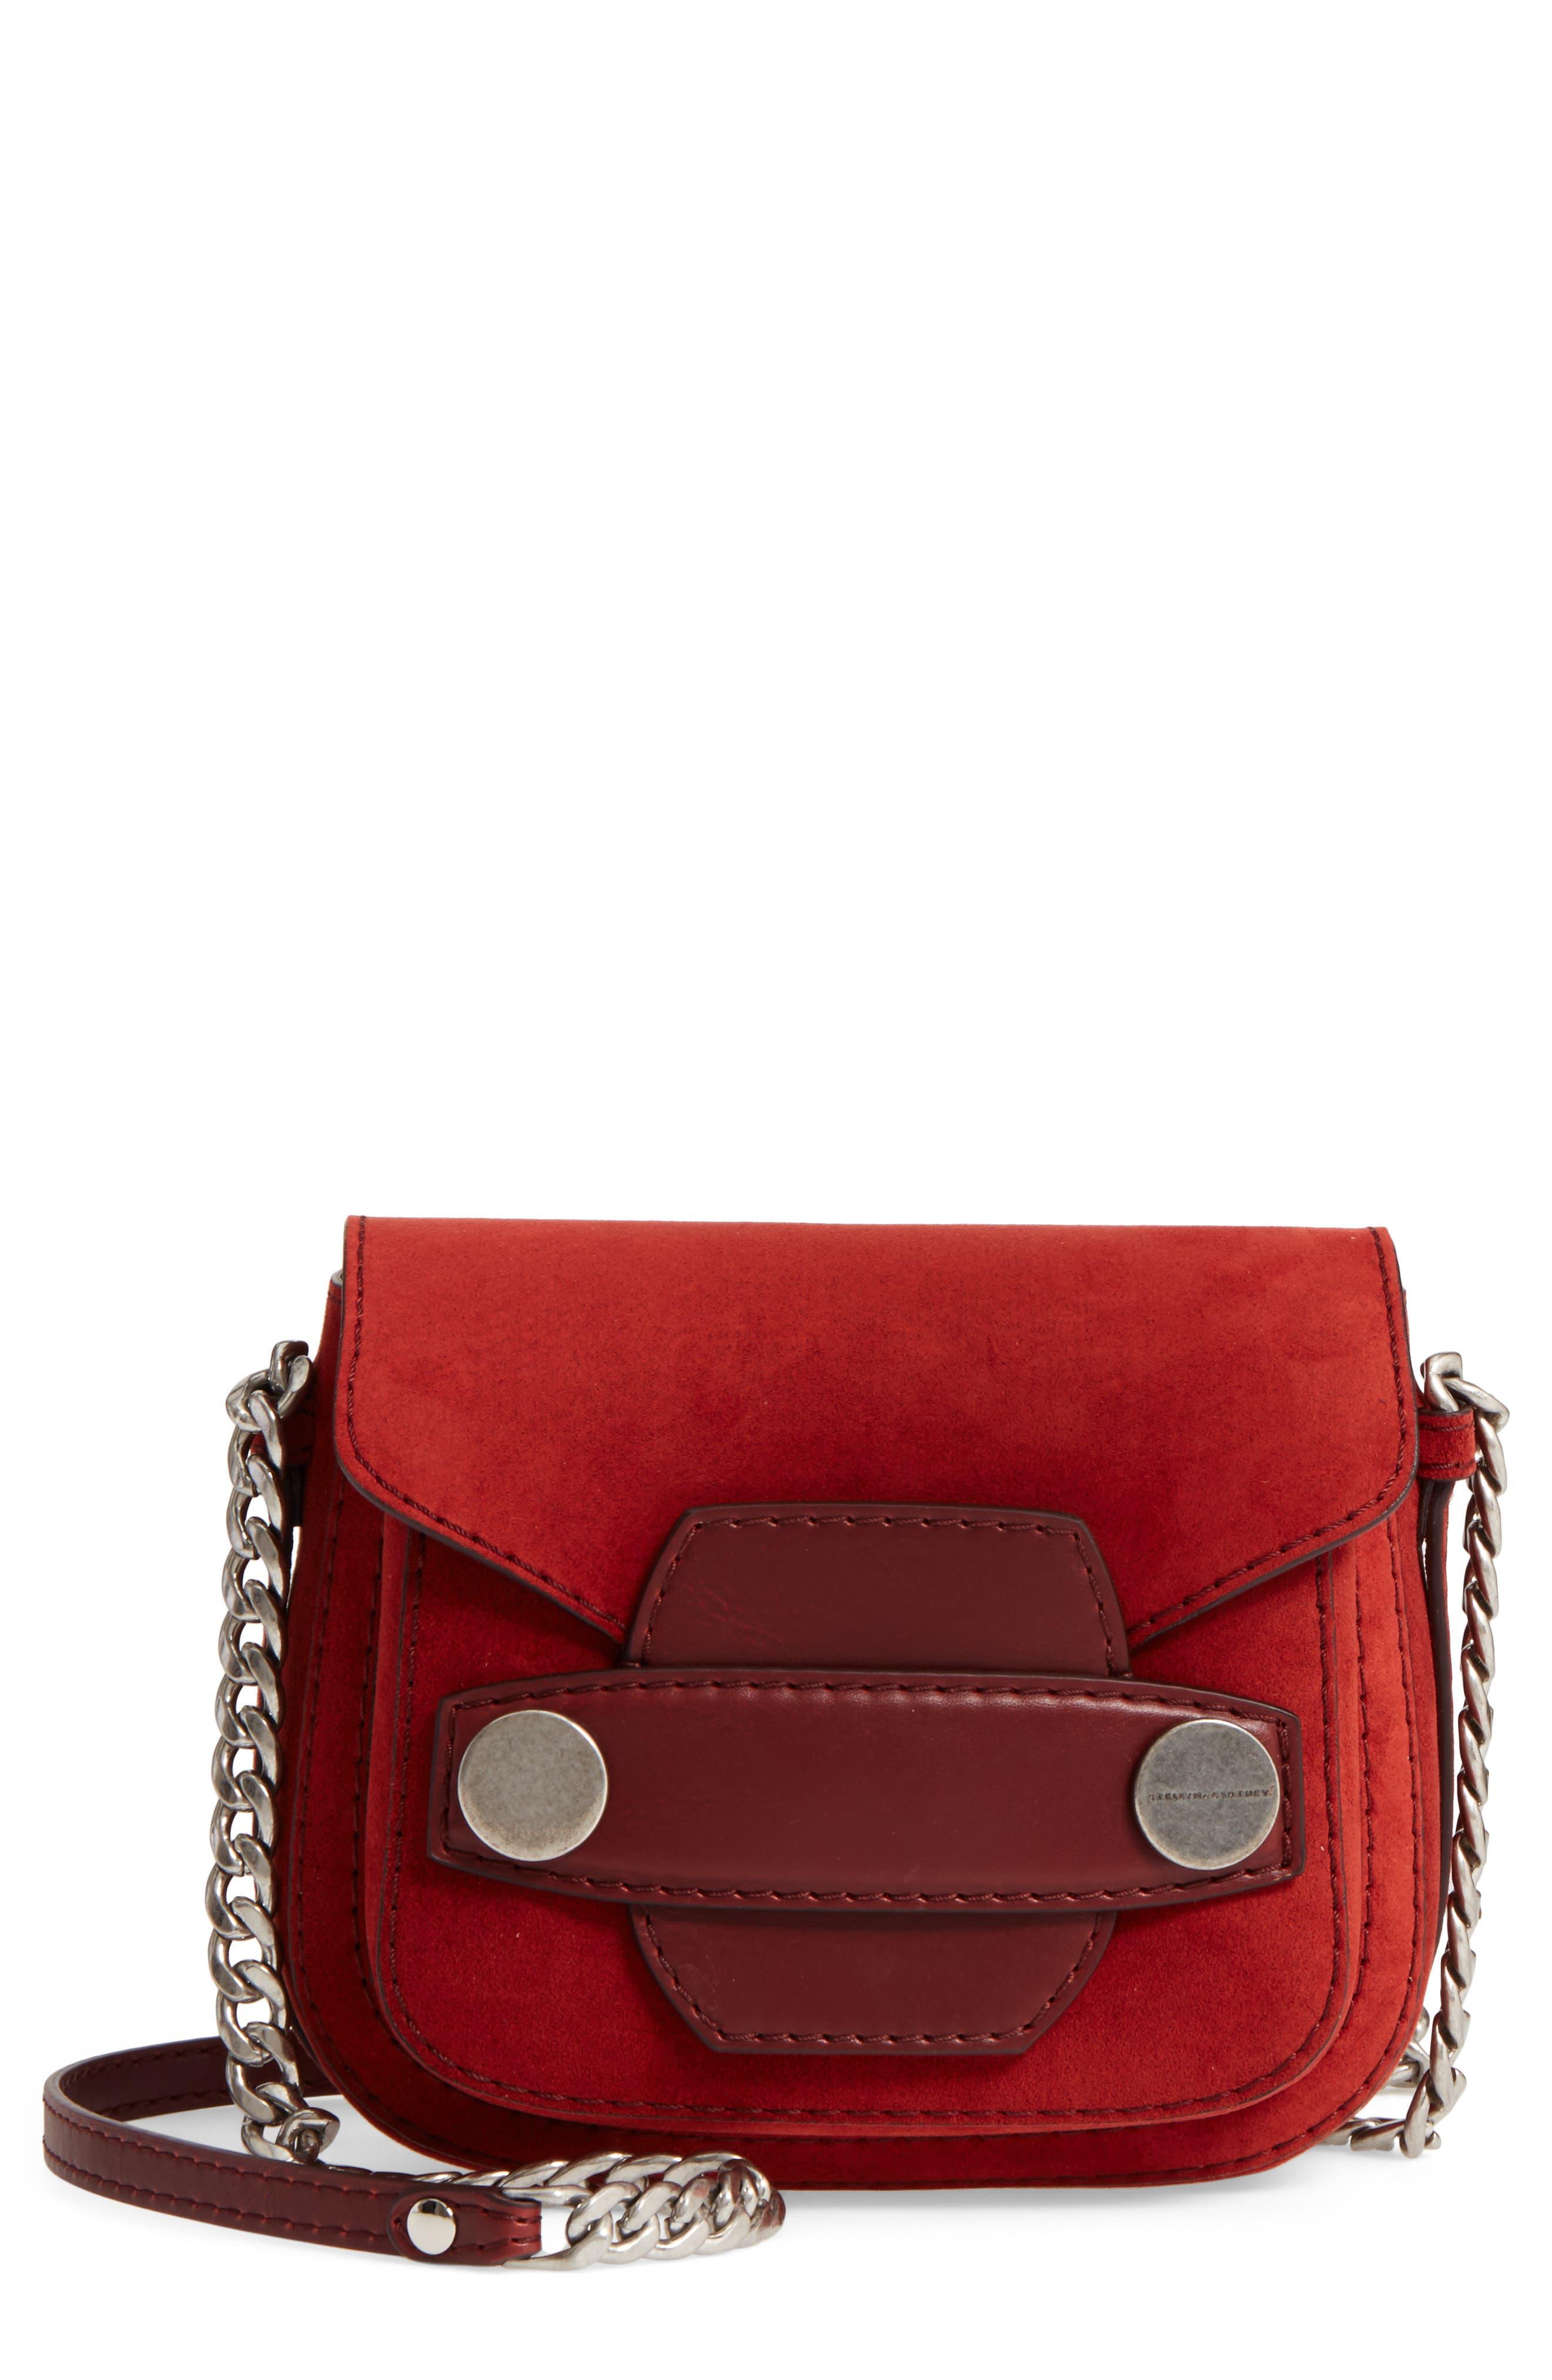 Stella McCartney Faux Leather Shoulder Bag